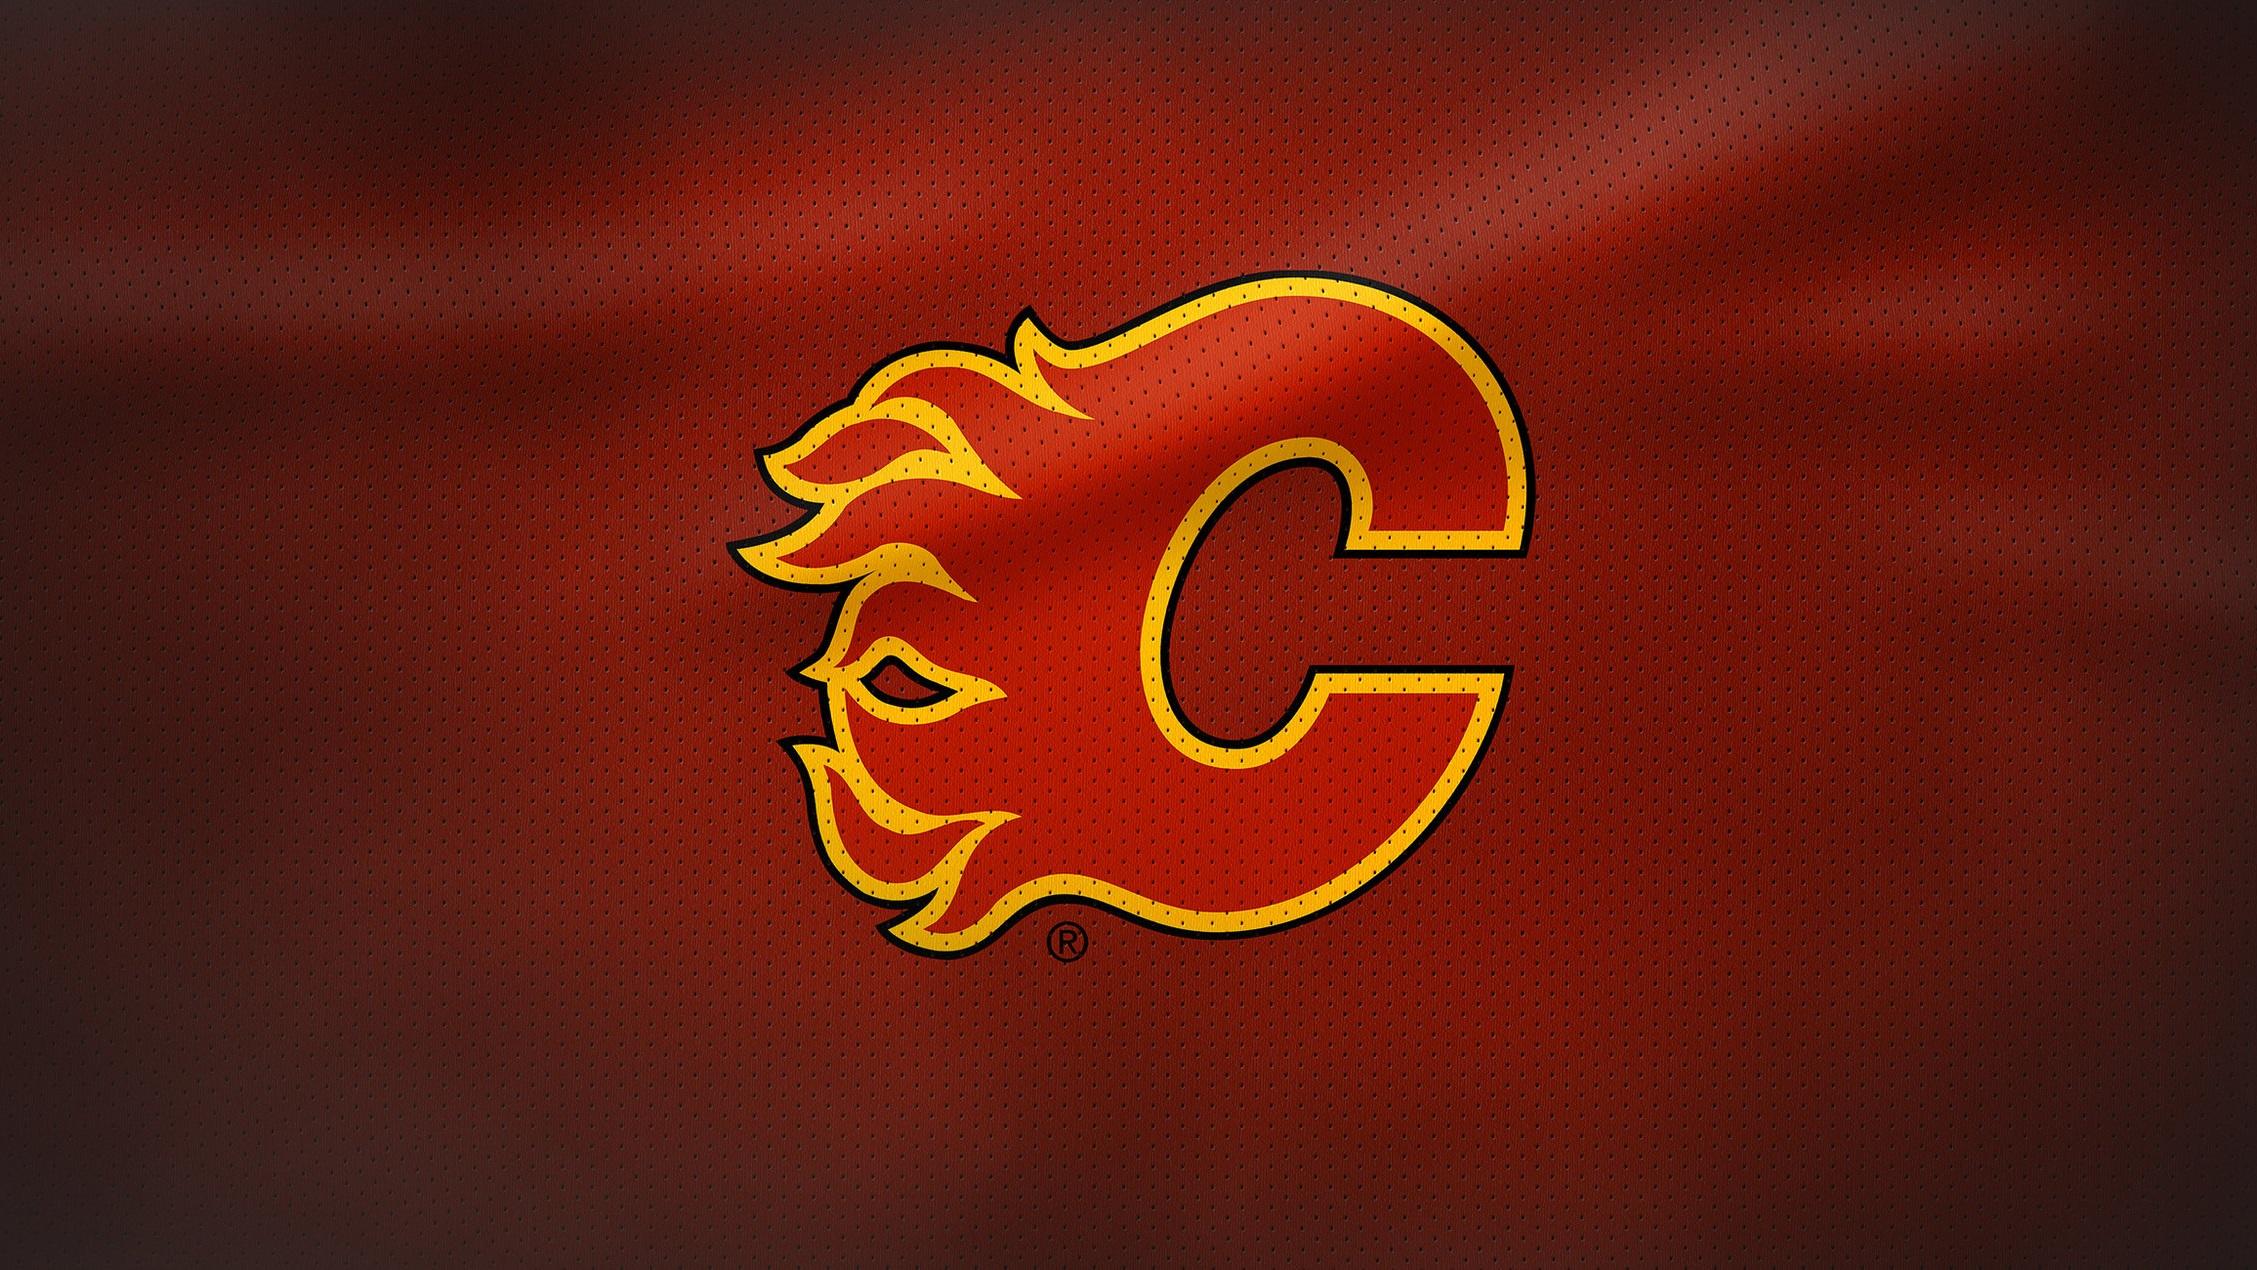 Rivalmöten - Winnipeg Jets två största rivaler är två andra lag från Kanada i Calgary Flames och Edmonton Oilers. Rivaliteten med de båda Alberta-klubbarna är dock av mindre karaktär med tanke på hur ung organisation Jets är i sammanhanget.